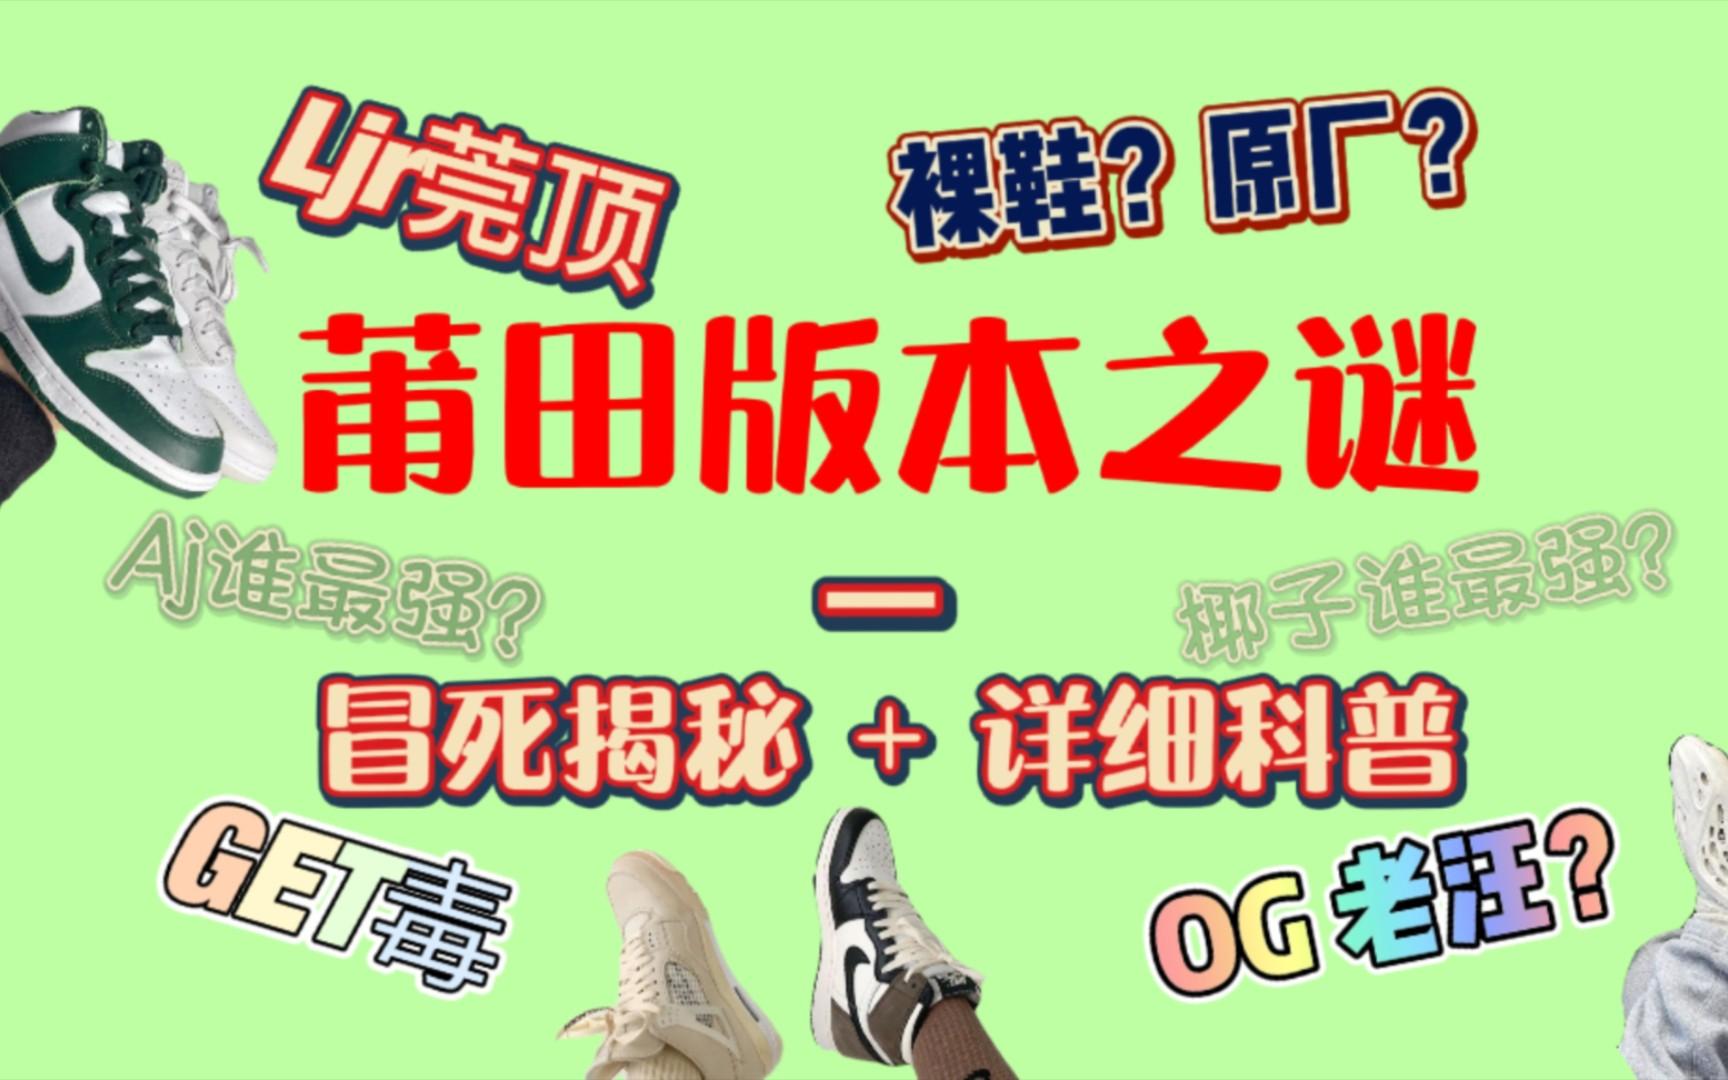 【东莞AJ指南】莆田鞋版本终极科普!Ljr 老汪 XP Y3 pk等等 代号详细讲解